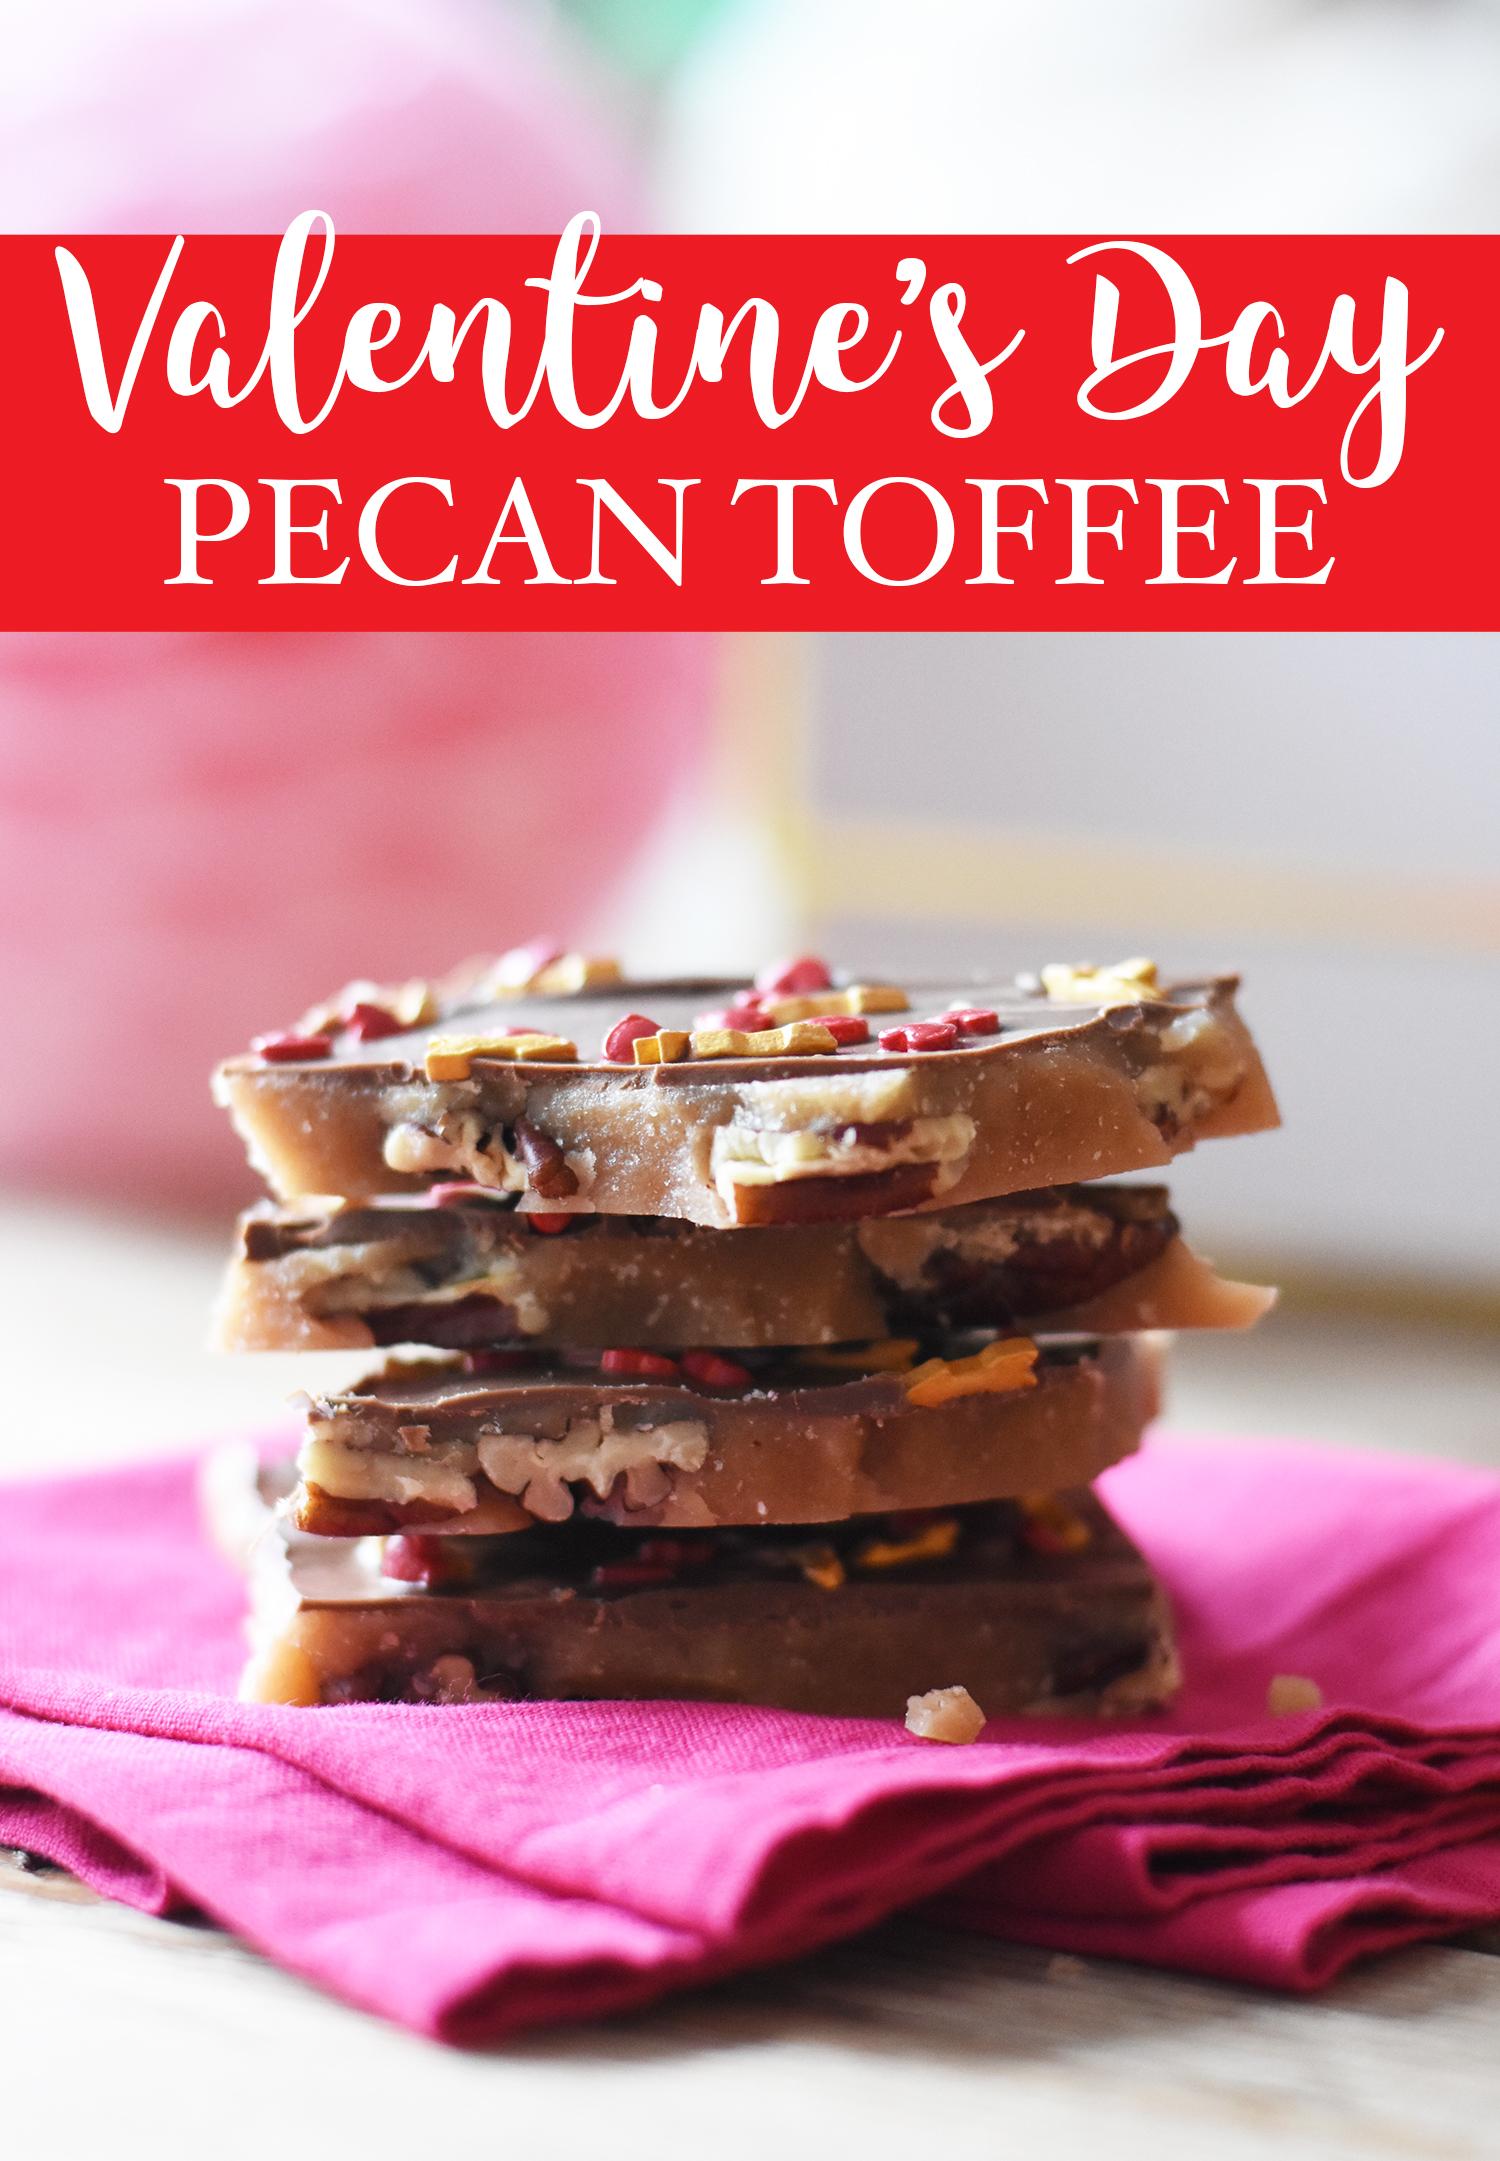 {Valentine's Day} DIY Valentine Gift Pecan Toffee Recipe